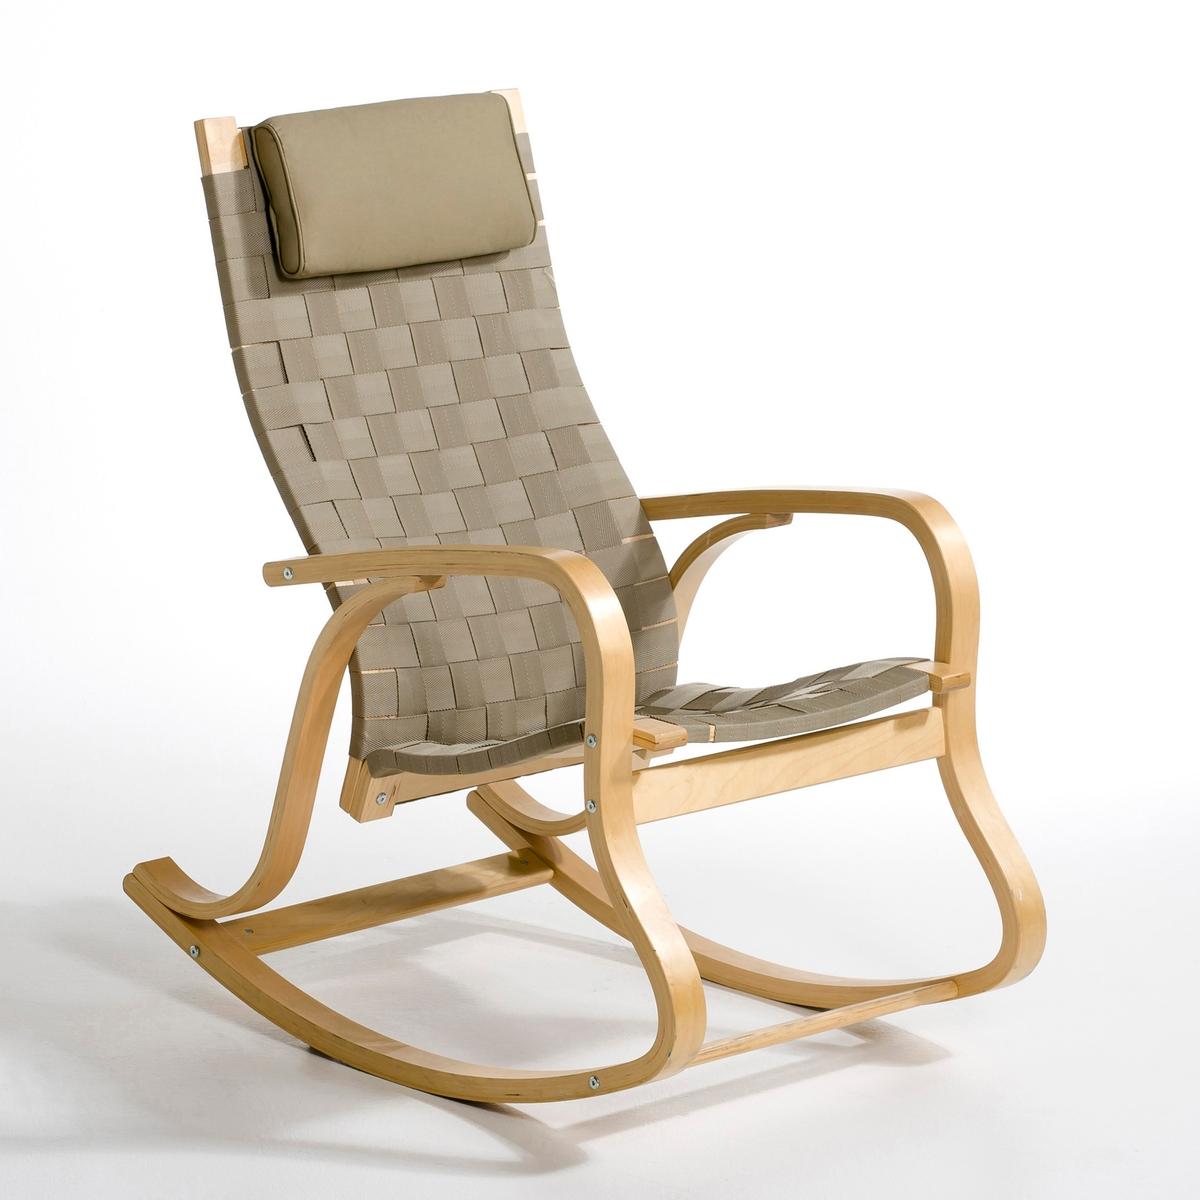 Кресло-качалка дизайнерское JimiКресло-качалка Jimi в современном стиле. Кресло-качалка Jimi сочетает дизайнерский подход и удобство, его пропорции идеально подходят для расслабления. Кресло займет достойное место в любом интерьере.Описание кресла-качалки Jimi :2 варианта расцветки : классический бежевый и модный черный.Характеристики кресла-качалки Jimi :Многослойная фанера из березы, отделка нитроцеллюлозным лаком.Покрытие сиденья и спинки из плетеных полиамидных волокон.Подушка подголовника из пенополиуретана со съемной тканевой обивкой из 100% хлопка.Другие стулья и дизайнерские кресла, а также всю коллекцию Jimi вы можете найти на сайте laredoute.ruРазмеры кресла-качалки Jimi :Общие :Ширина : 61 смВысота : 106 смГлубина : 96 см.Сиденье :В.48 см.Размеры и вес упаковки :1 упаковка93 x 64 x 20 см11,32 кг:.  ! ! .<br><br>Цвет: бежевый